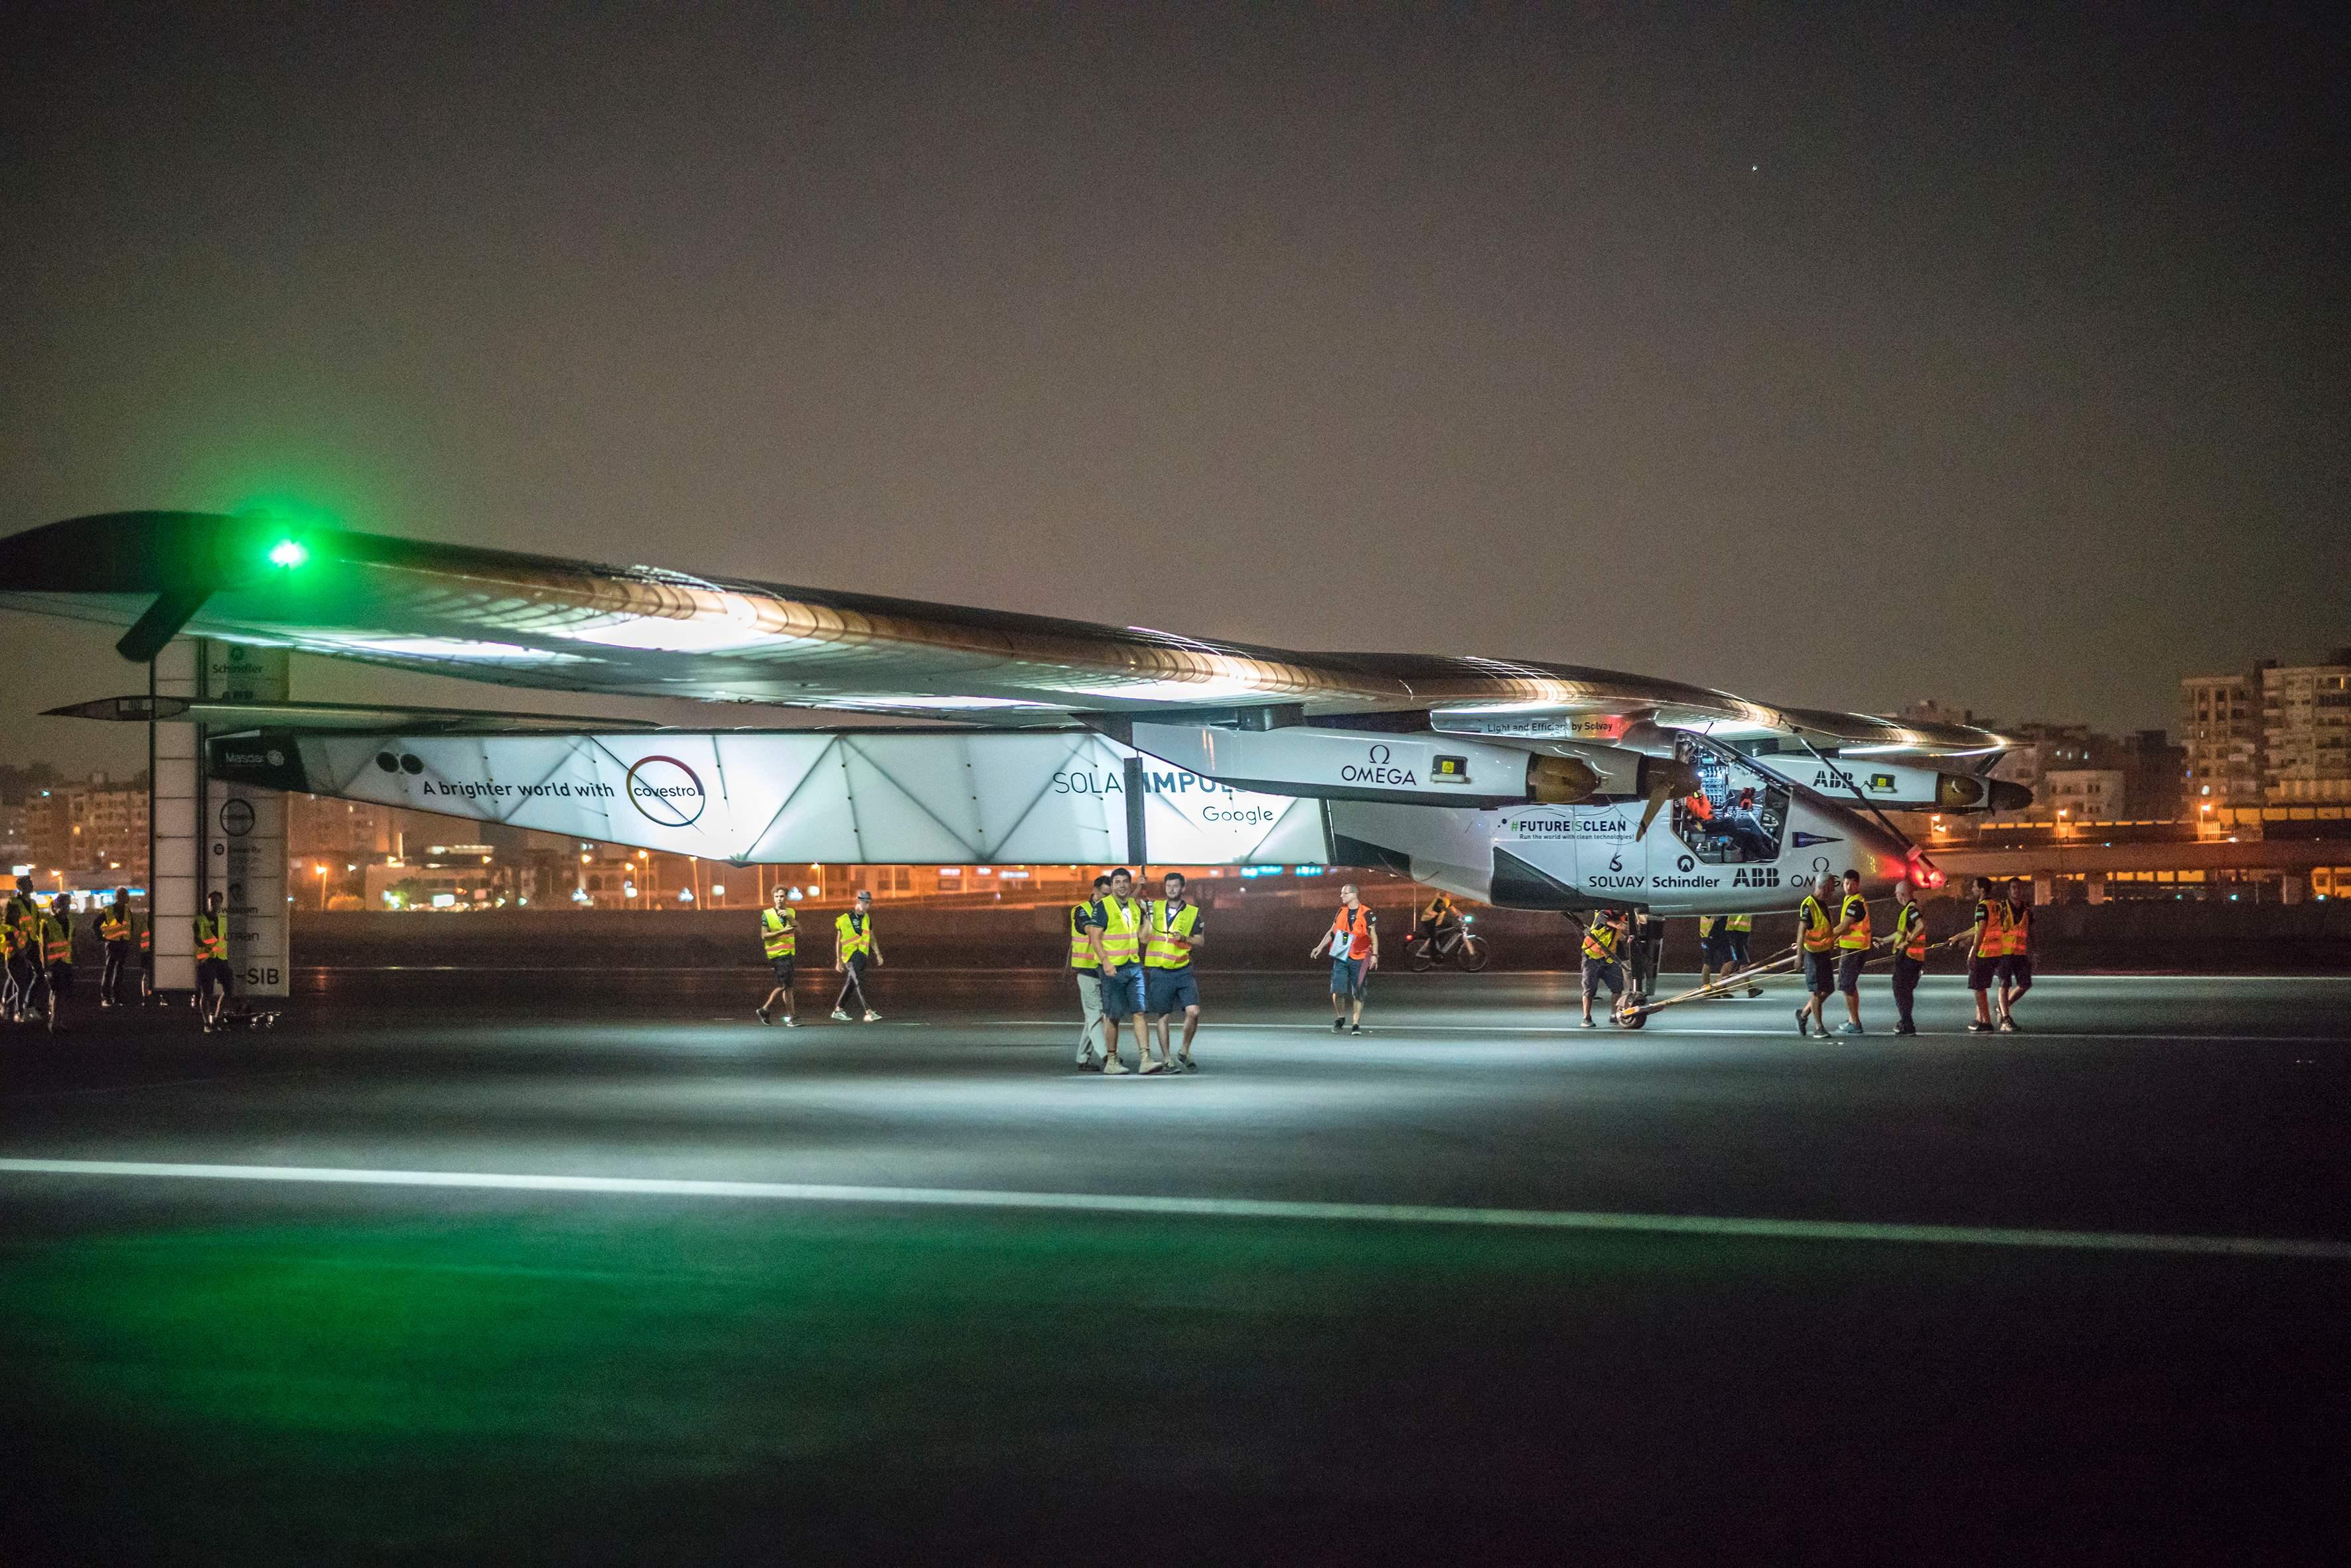 energía solar, Solar Impulse 2